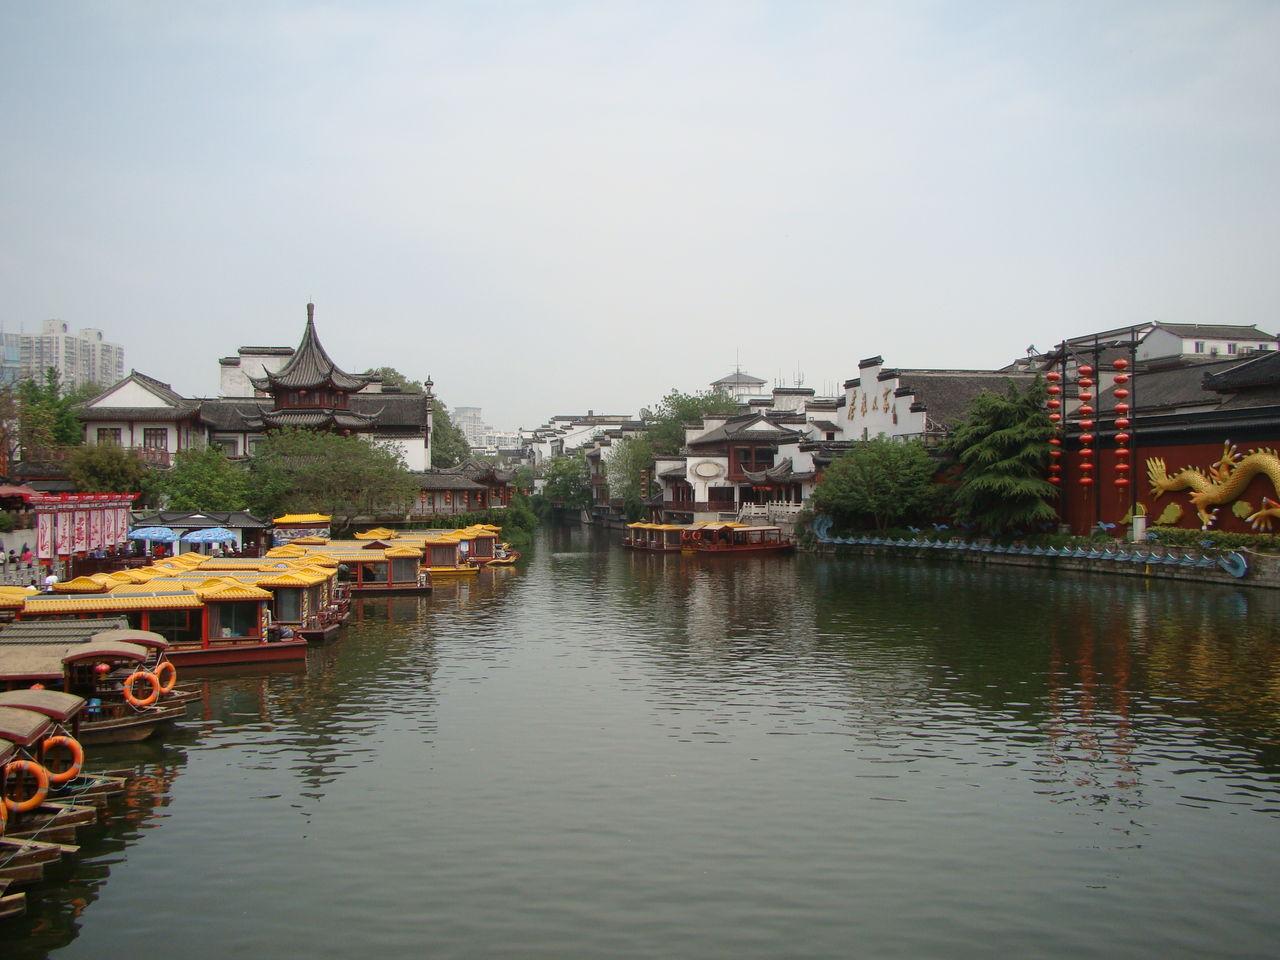 春节到华东五市旅游团乐享江南双飞6日游 -- 旅游线路